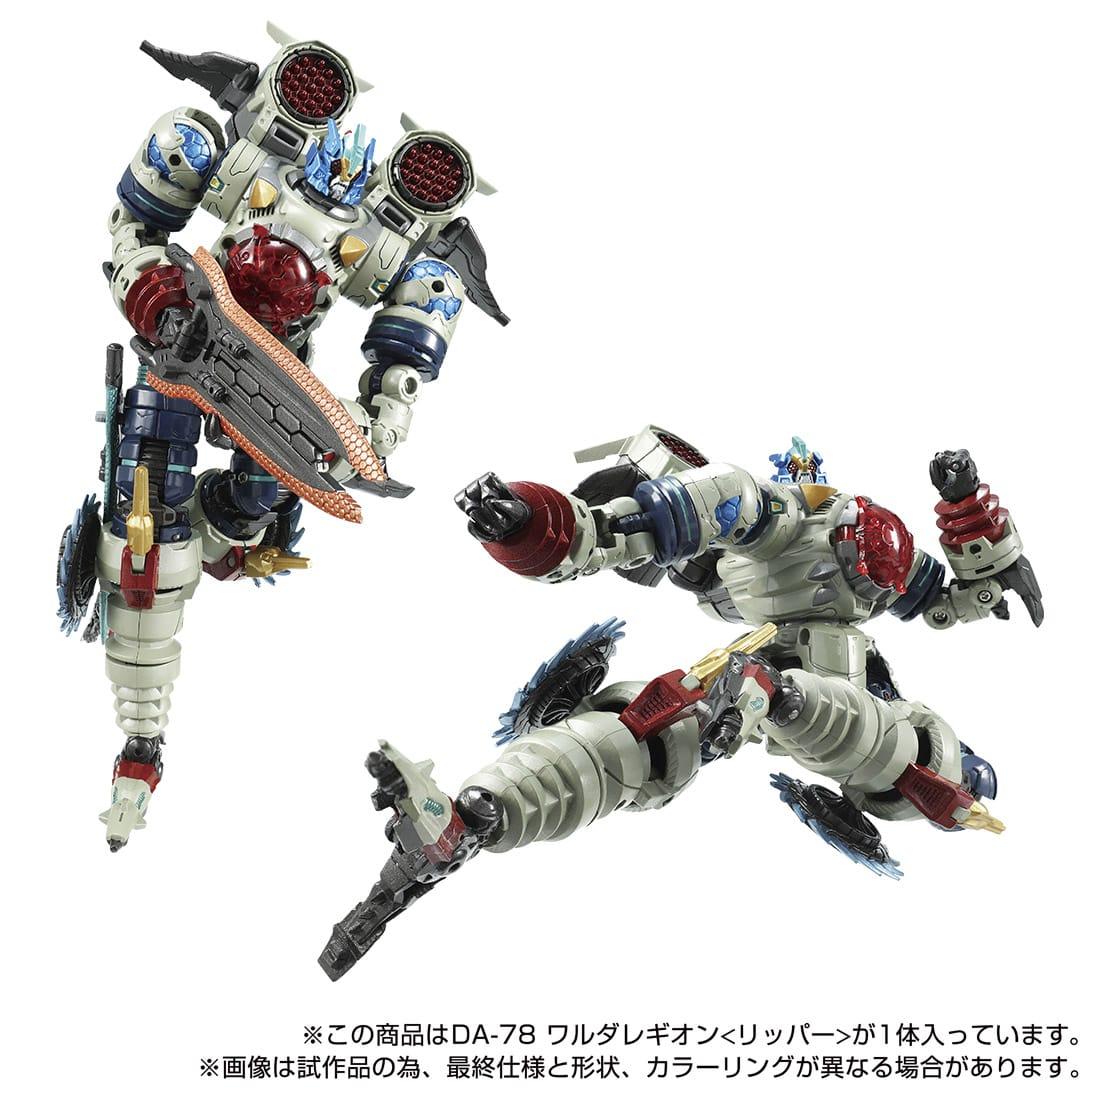 ダイアクロン『DA-78 ワルダレギオン〈リッパー〉』可変可動フィギュア-005